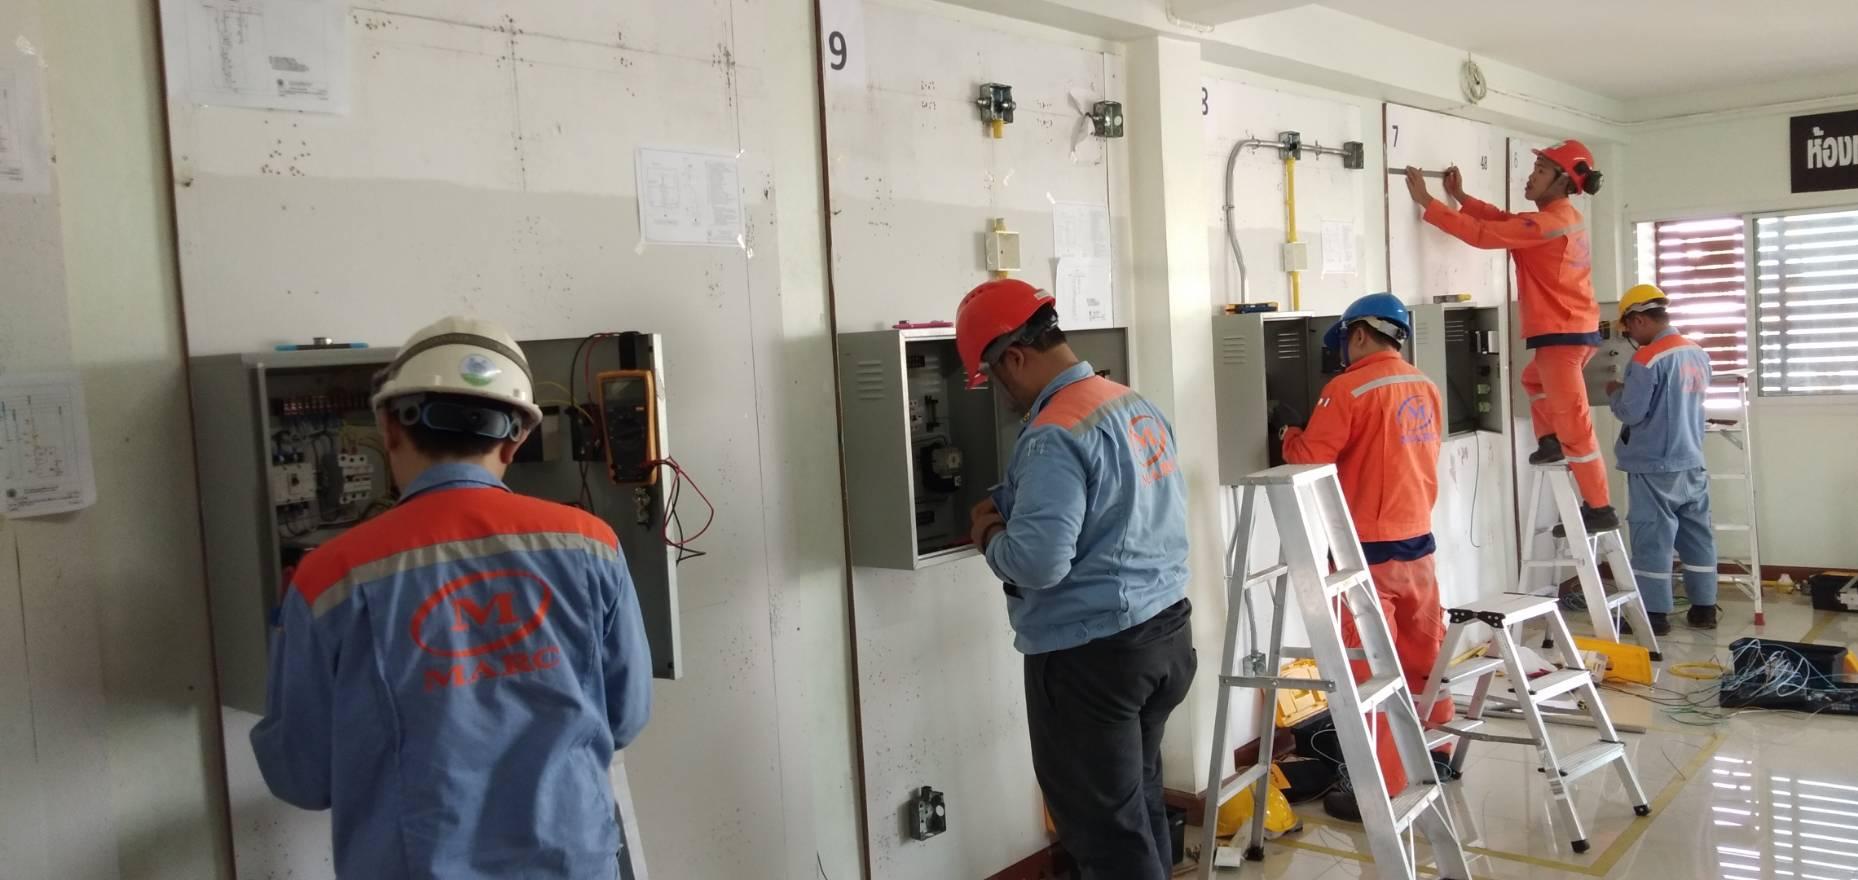 หลักสูตร ช่างไฟฟ้าอุตสาหกรรม ระดับ 1